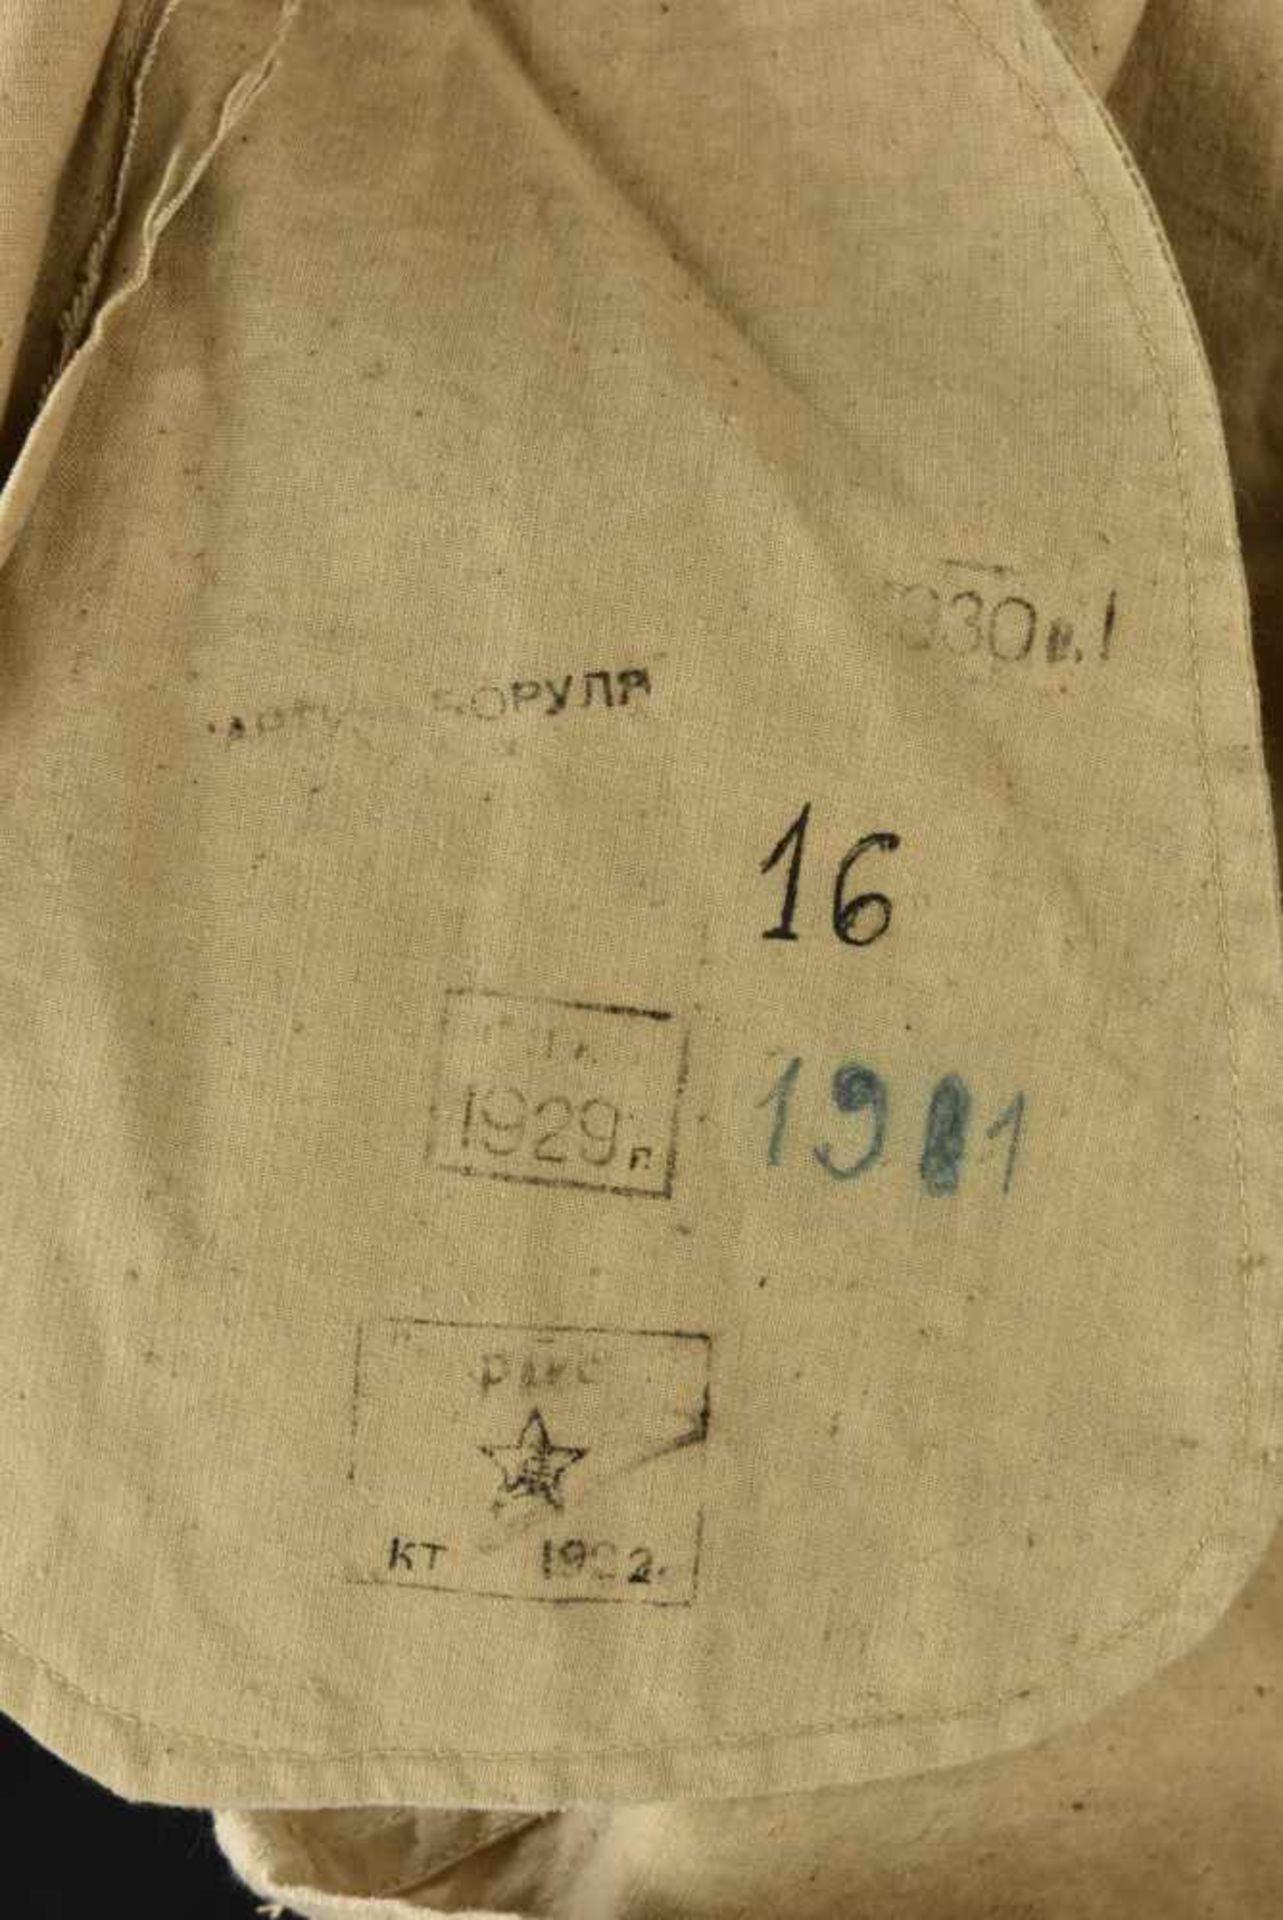 Gymnasterka M.22 de l'artillerie en grosse toile, avec ses pattes de col, parements de poitrine, - Bild 2 aus 4